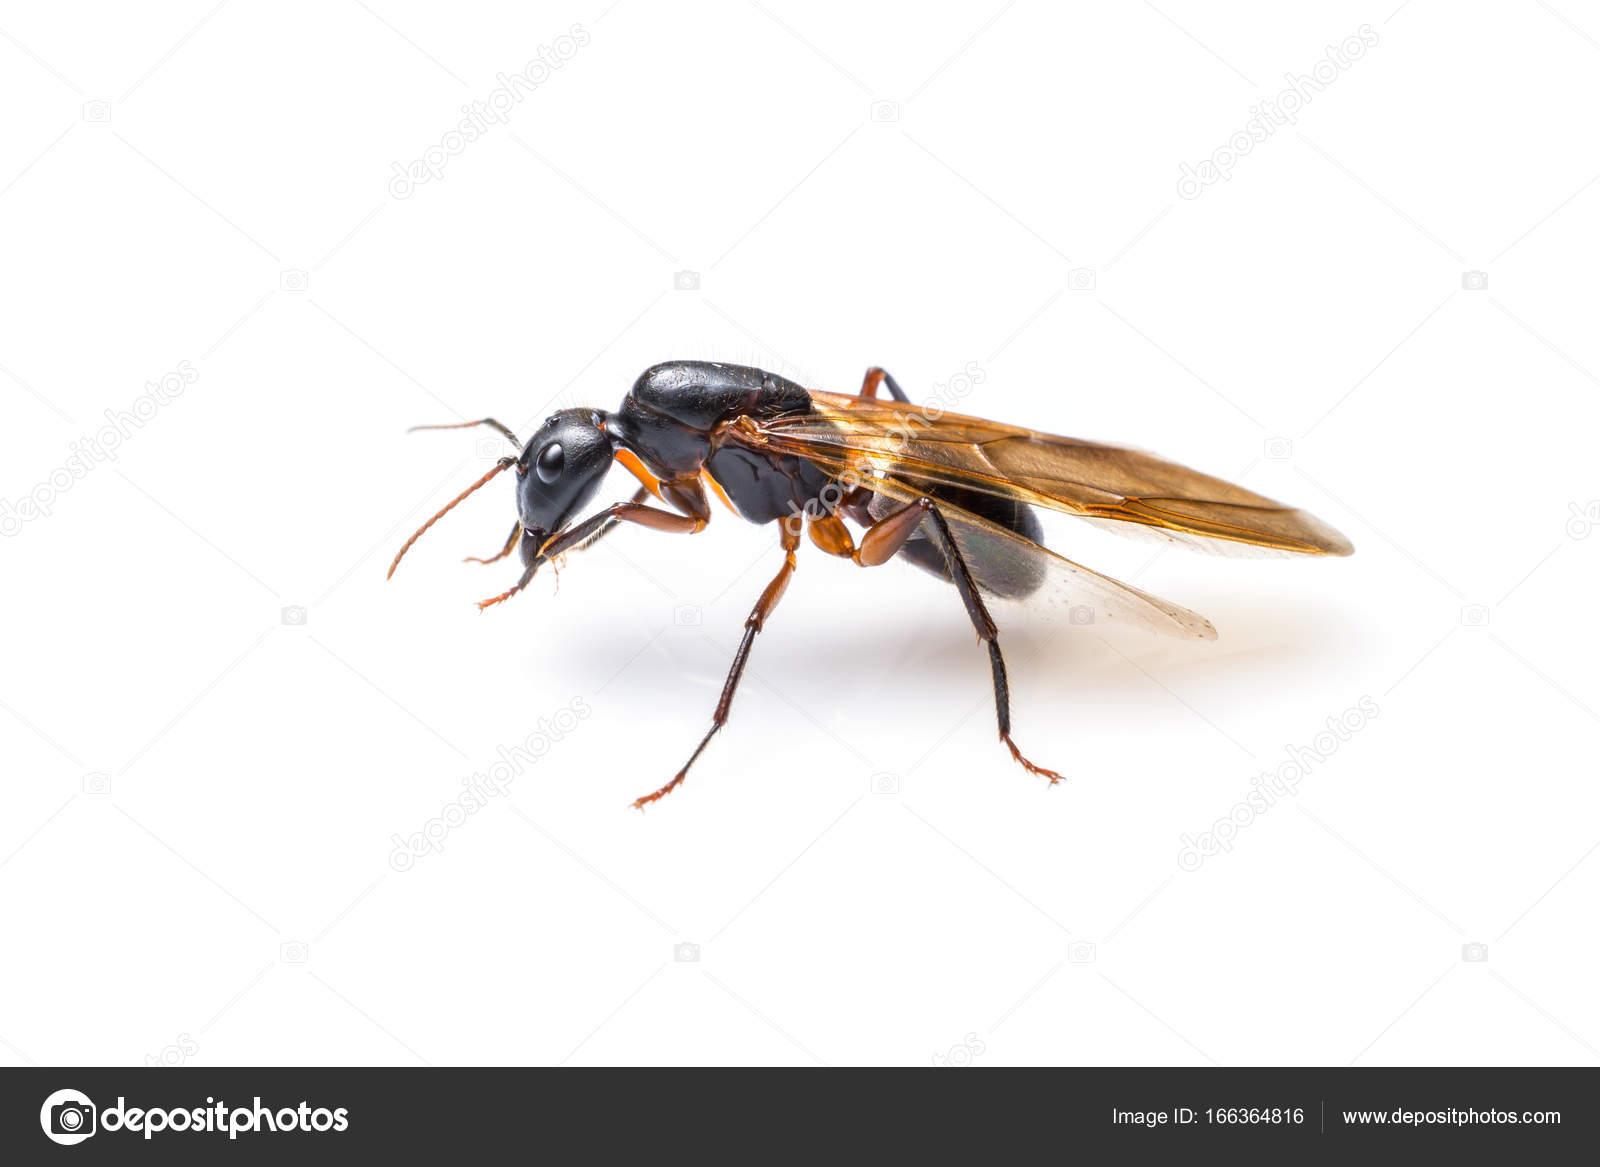 Beliebt Fliegende Ameisen isoliert auf weißem Hintergrund. Geflügelte BR84